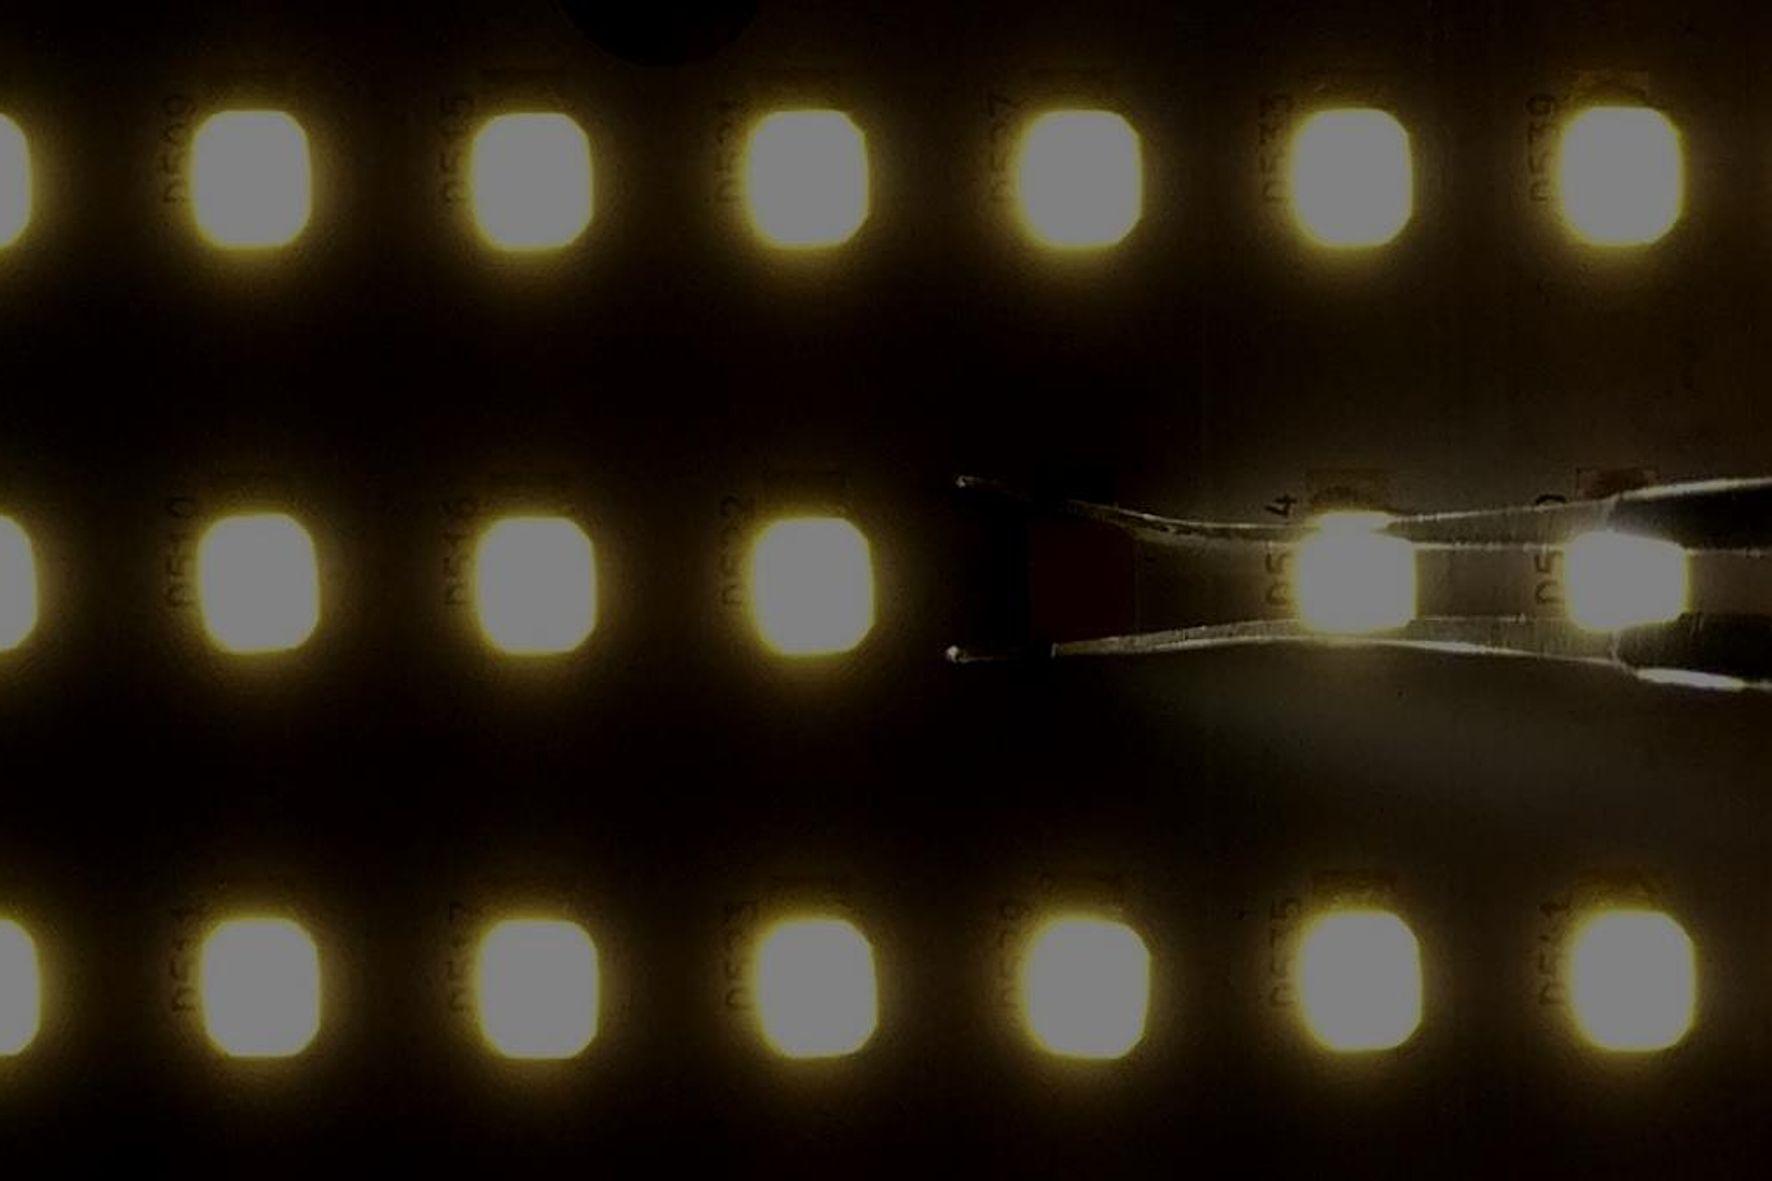 mid Groß-Gerau - Durch eine neuartige Schaltung können bis zu 144 LEDs auf einer einzigen Platine montiert werden, das sorgt für angenehmeres Licht bei niedrigerem Stromverbrauch.